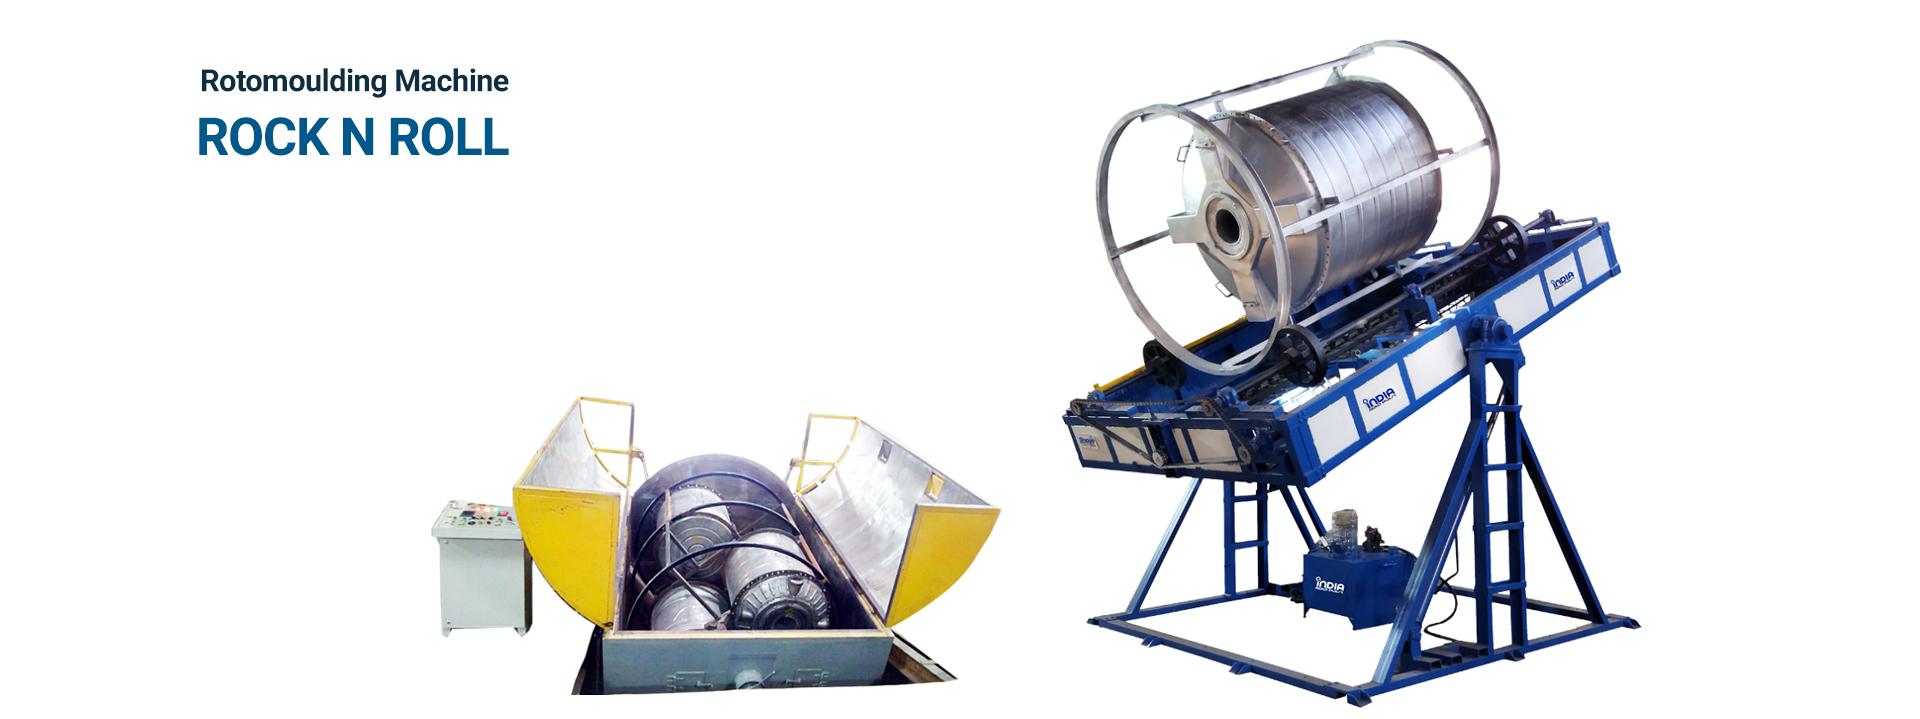 rock n roll machine manufacturersrock n roll machine manufacturers